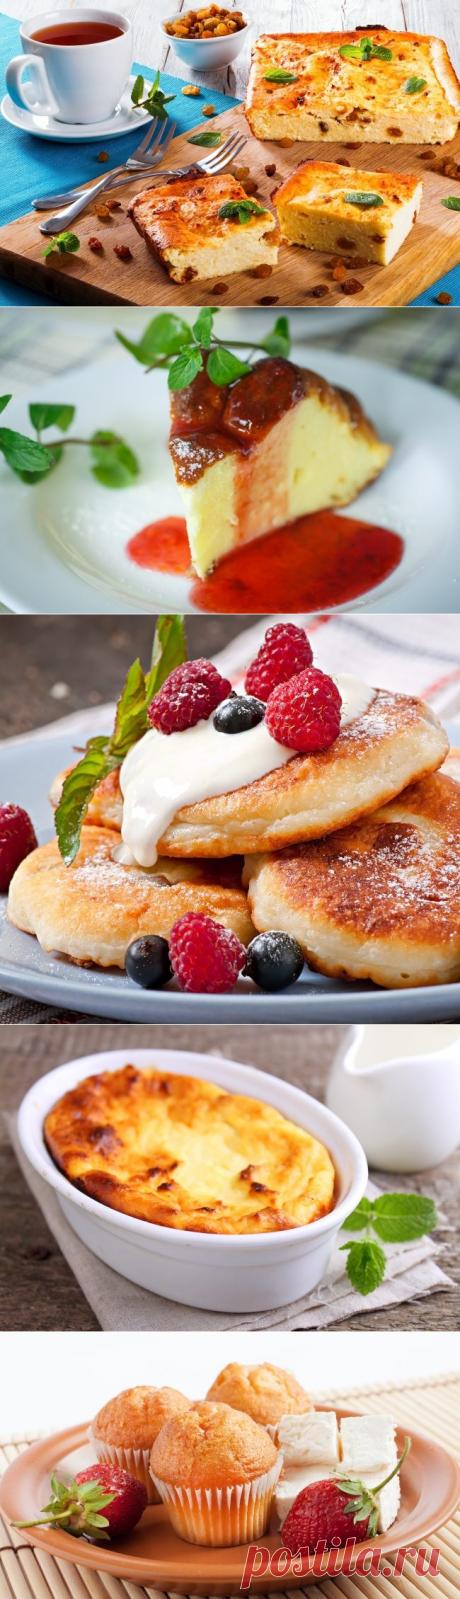 Вкуснейшие и простые творожные завтраки, которые сможет приготовить любая хозяйка / Домоседы